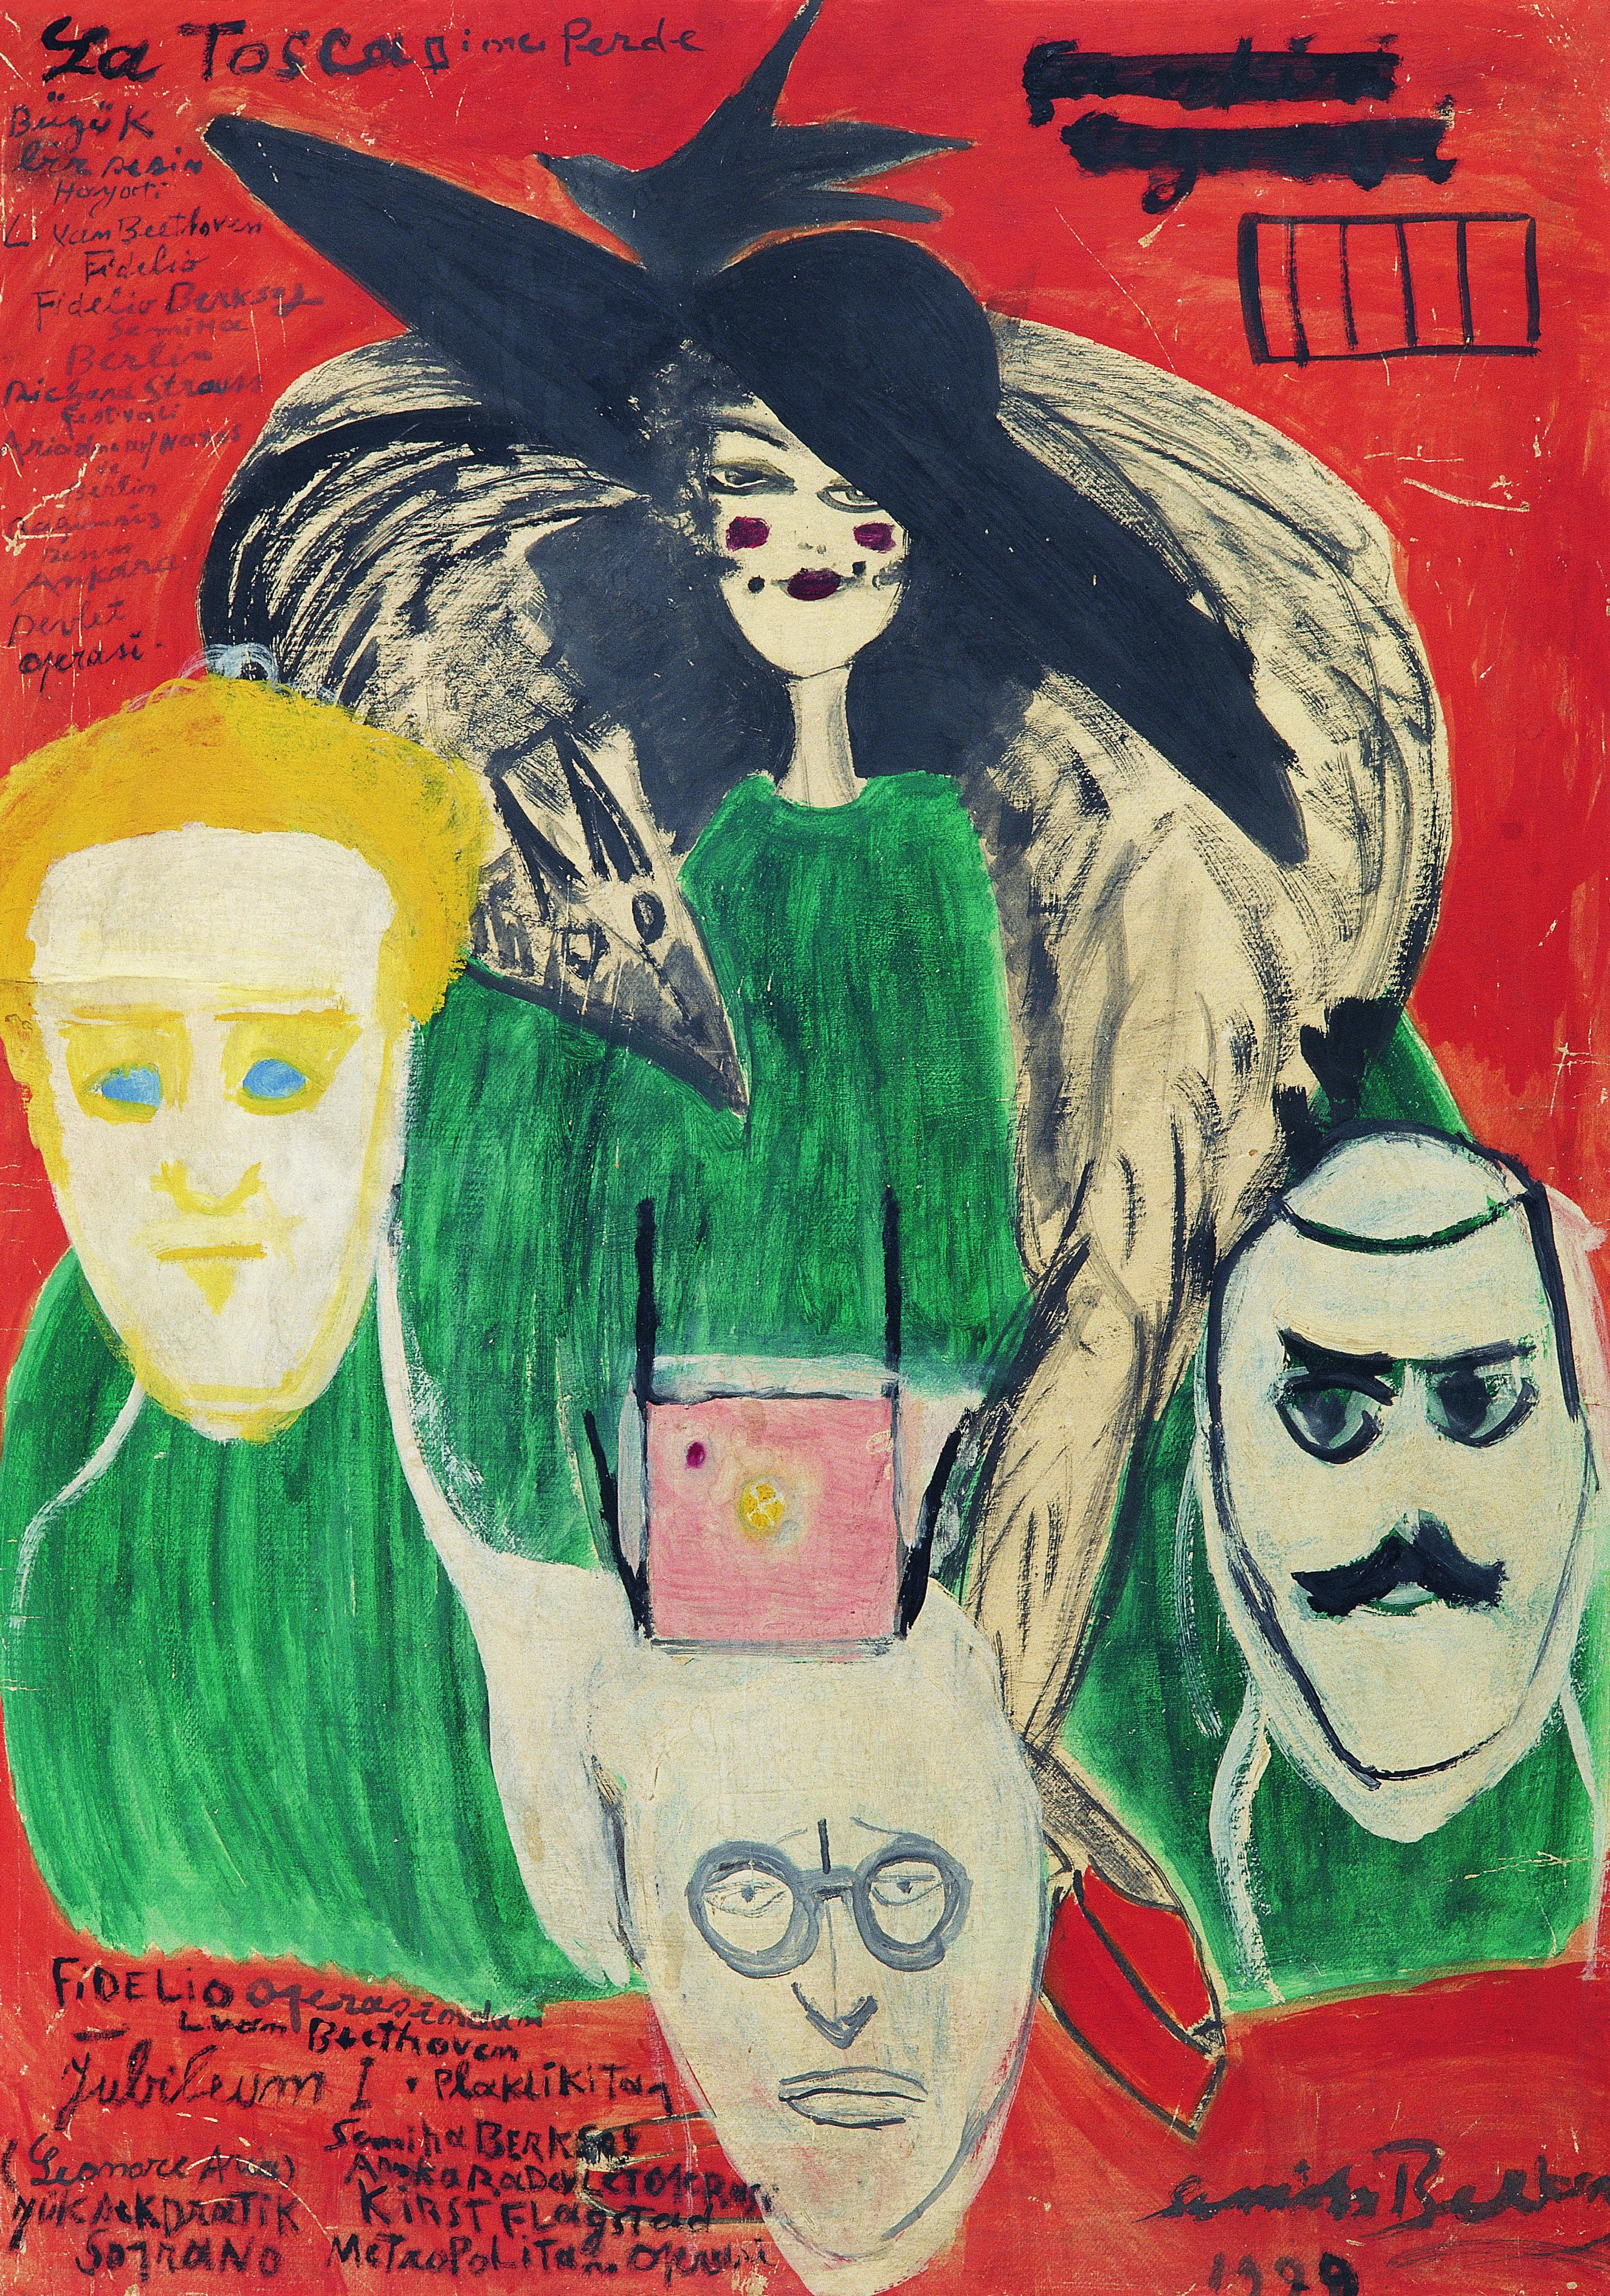 Hapisanede Ziyafet, Semiha Berksoy, Resimdekiler: Semiha Berksoy, Nâzım Hikmet, Hikmet Kıvılcımlı ve Kemal Tahir.